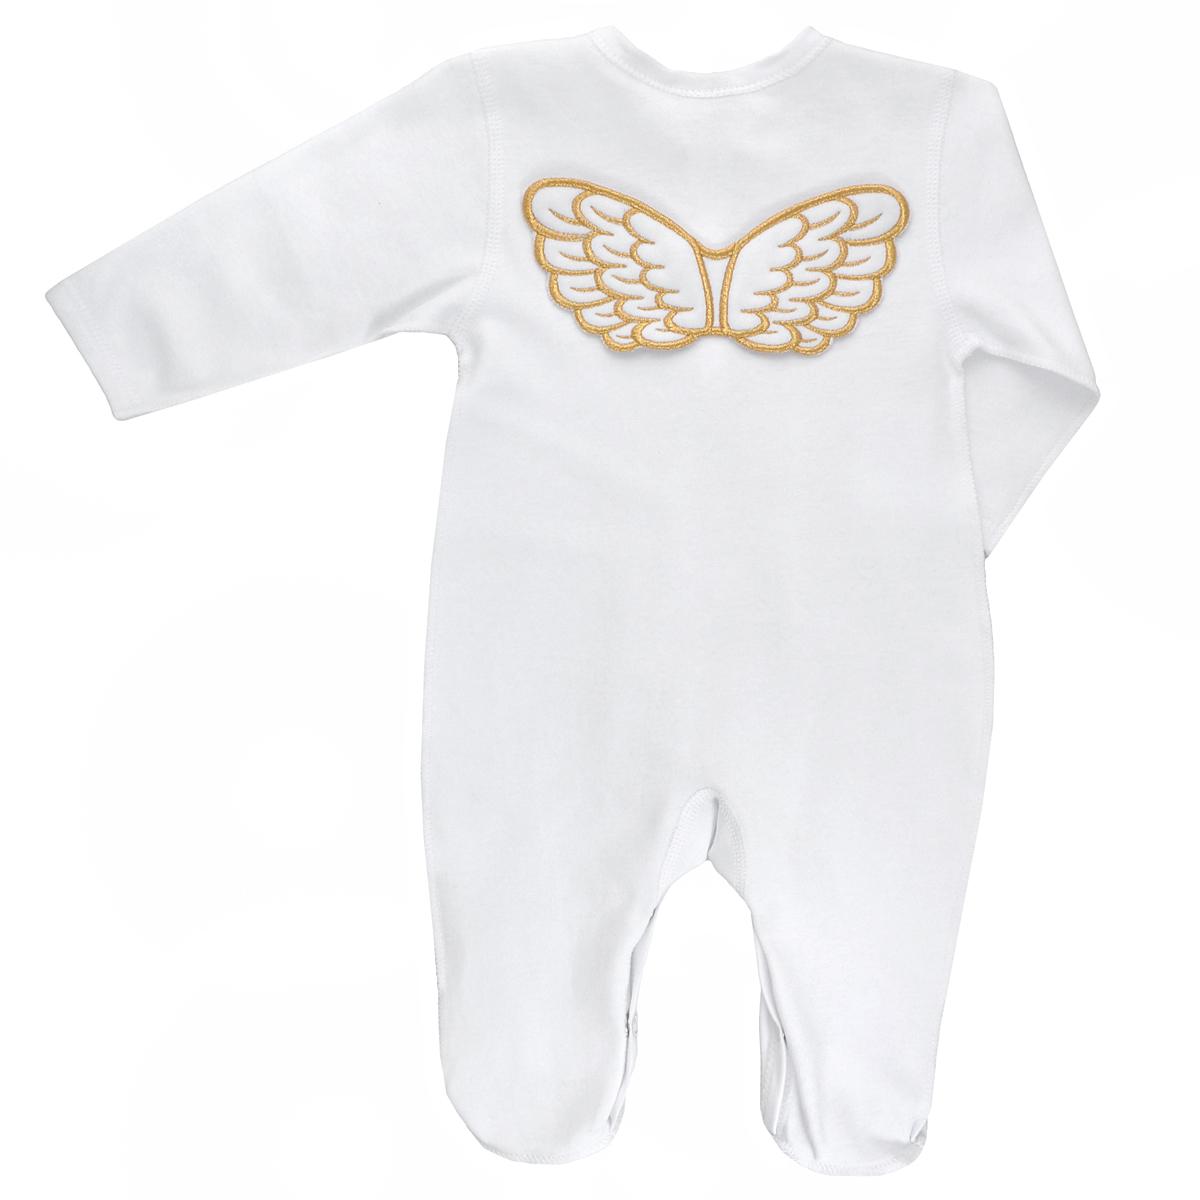 Комбинезон детский Lucky Child Ангелы, цвет: белый. 17-1. Размер 74/80